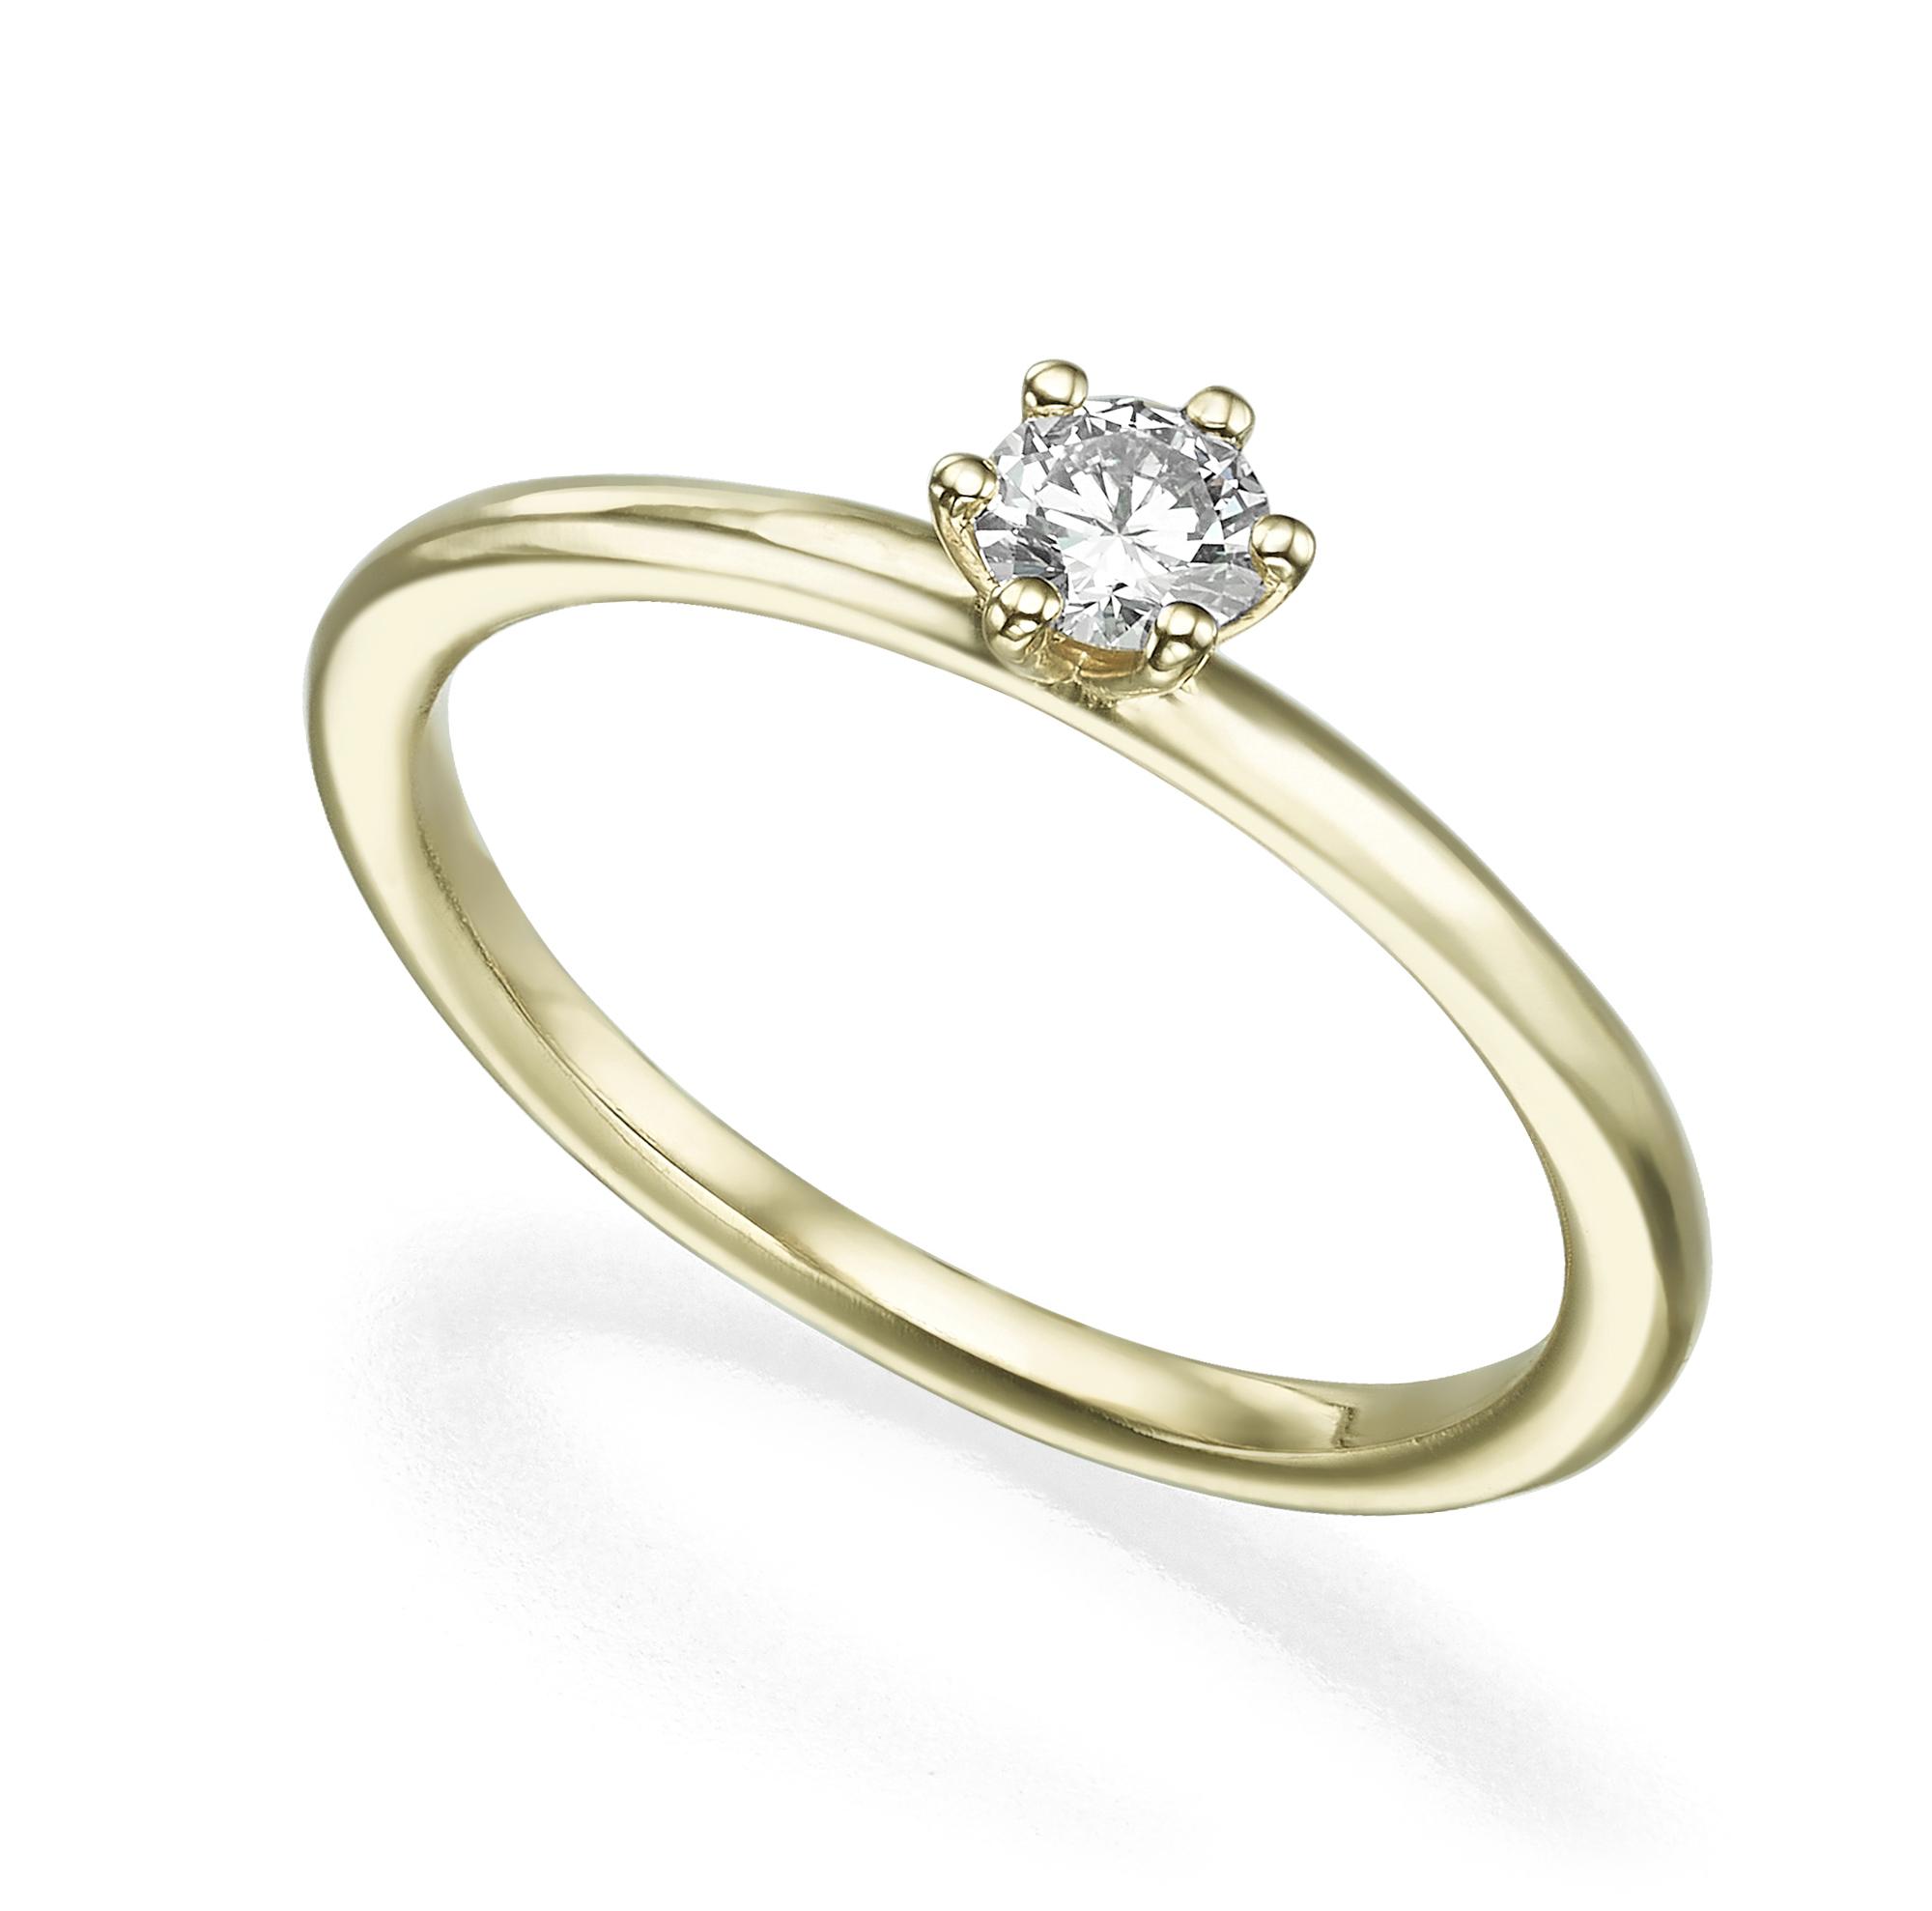 טבעת סוליטר יהלום 20 נקודות פרופיל עגול